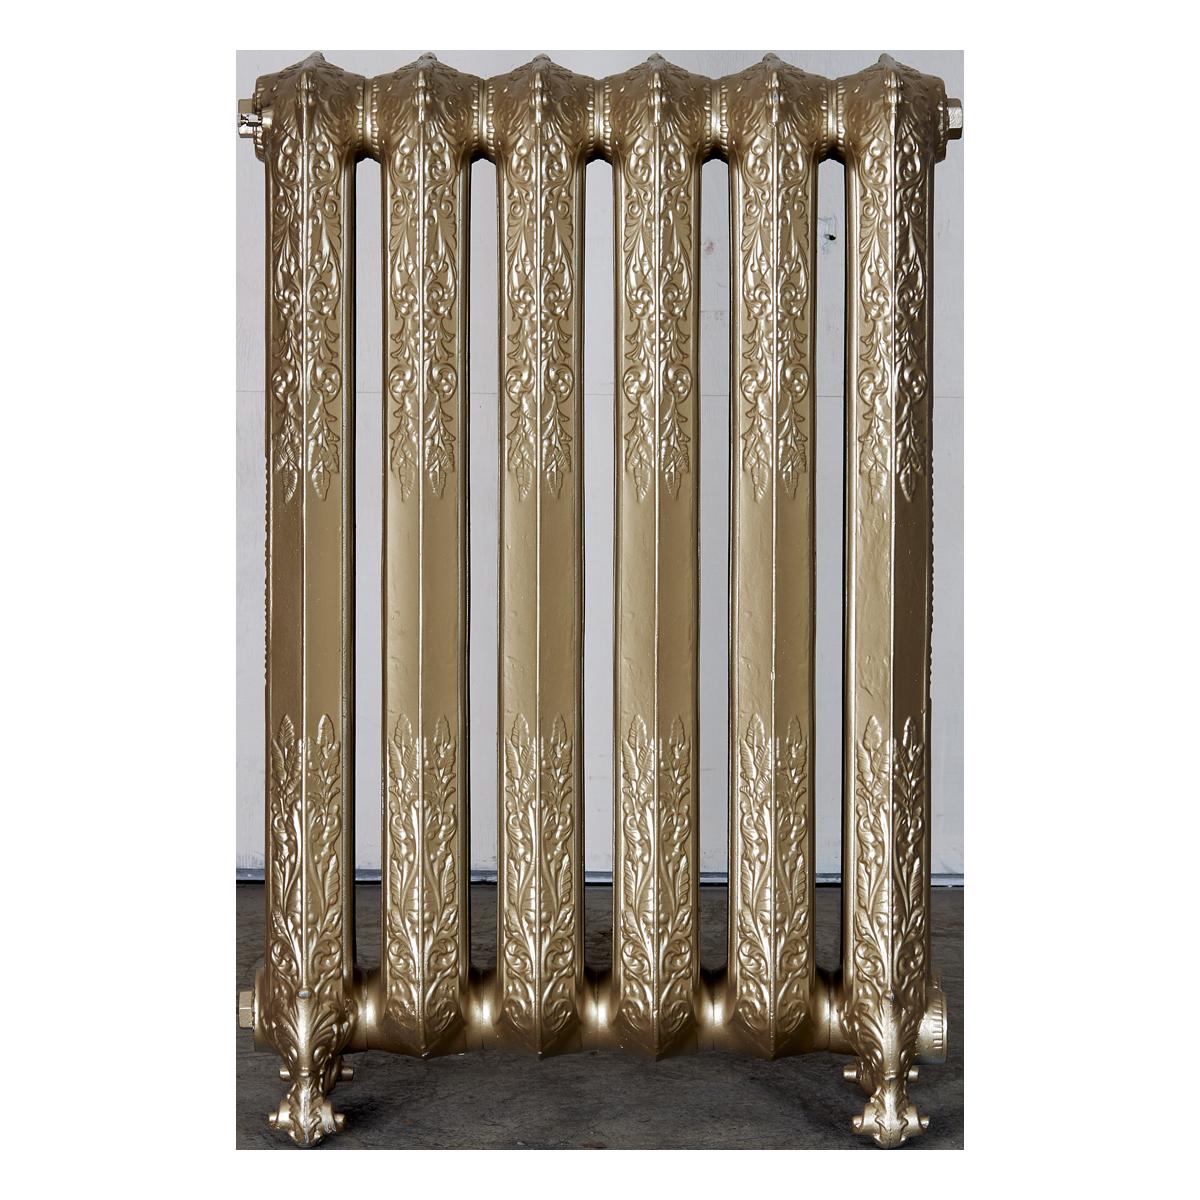 Ironworks Radiators Inc. refurbished cast iron radiator Cassandra in Champagne metallic